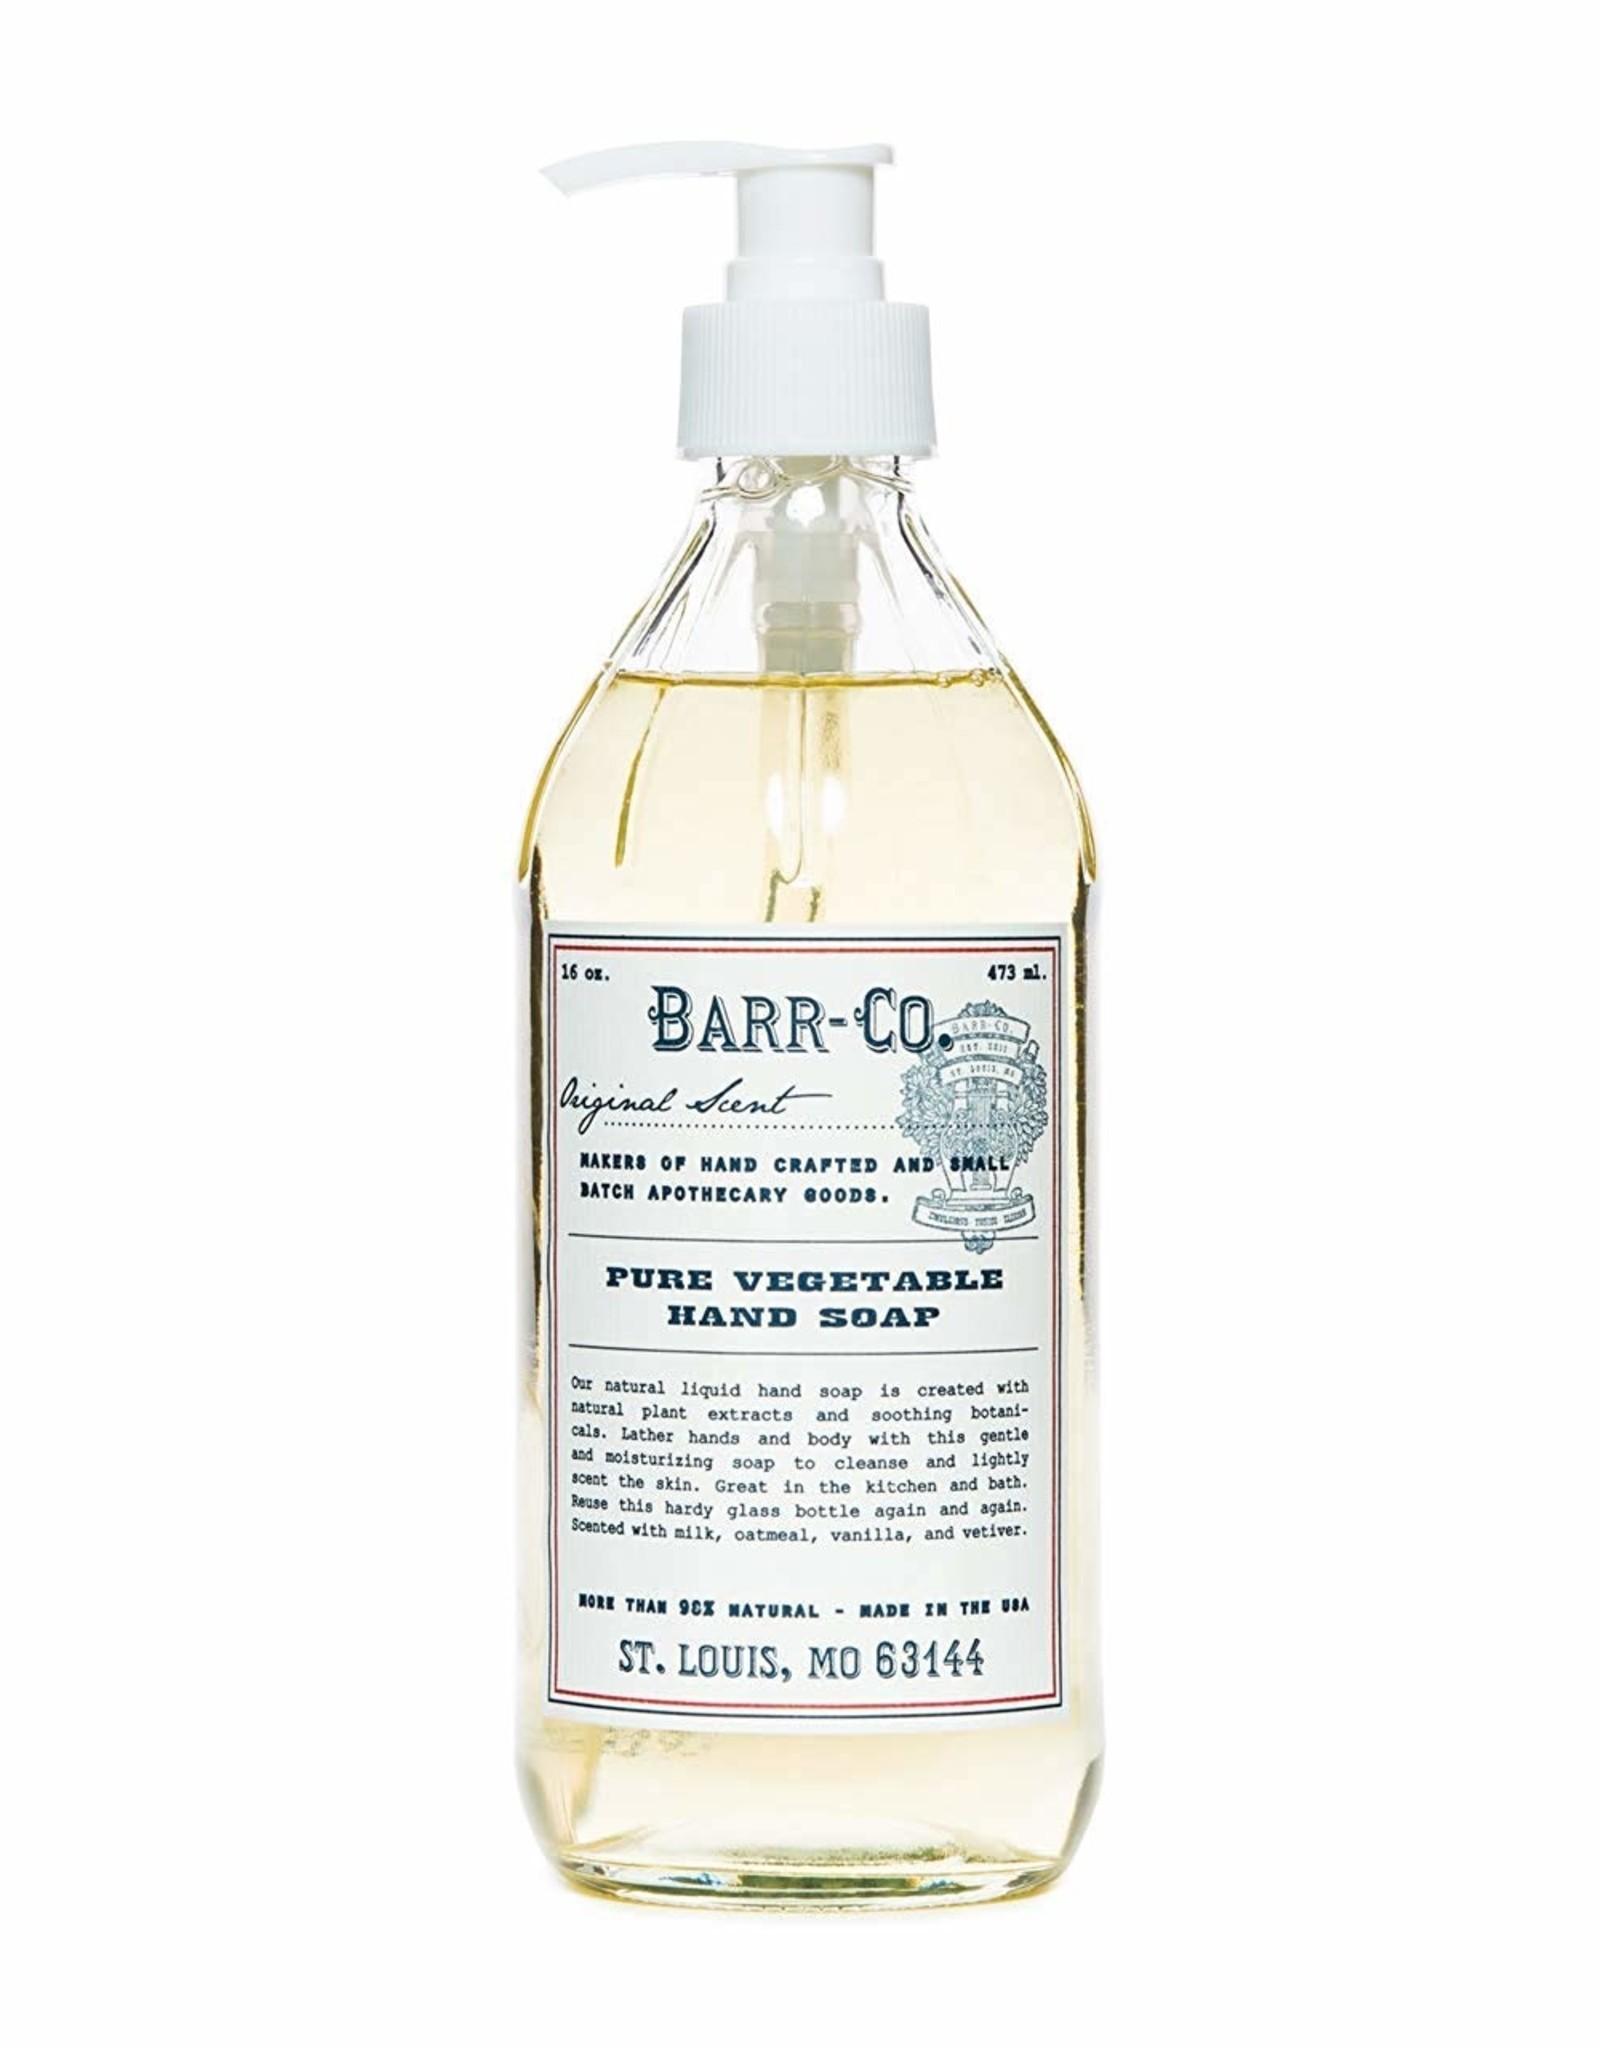 Barr-Co Liquid Hand Soap Original Scent